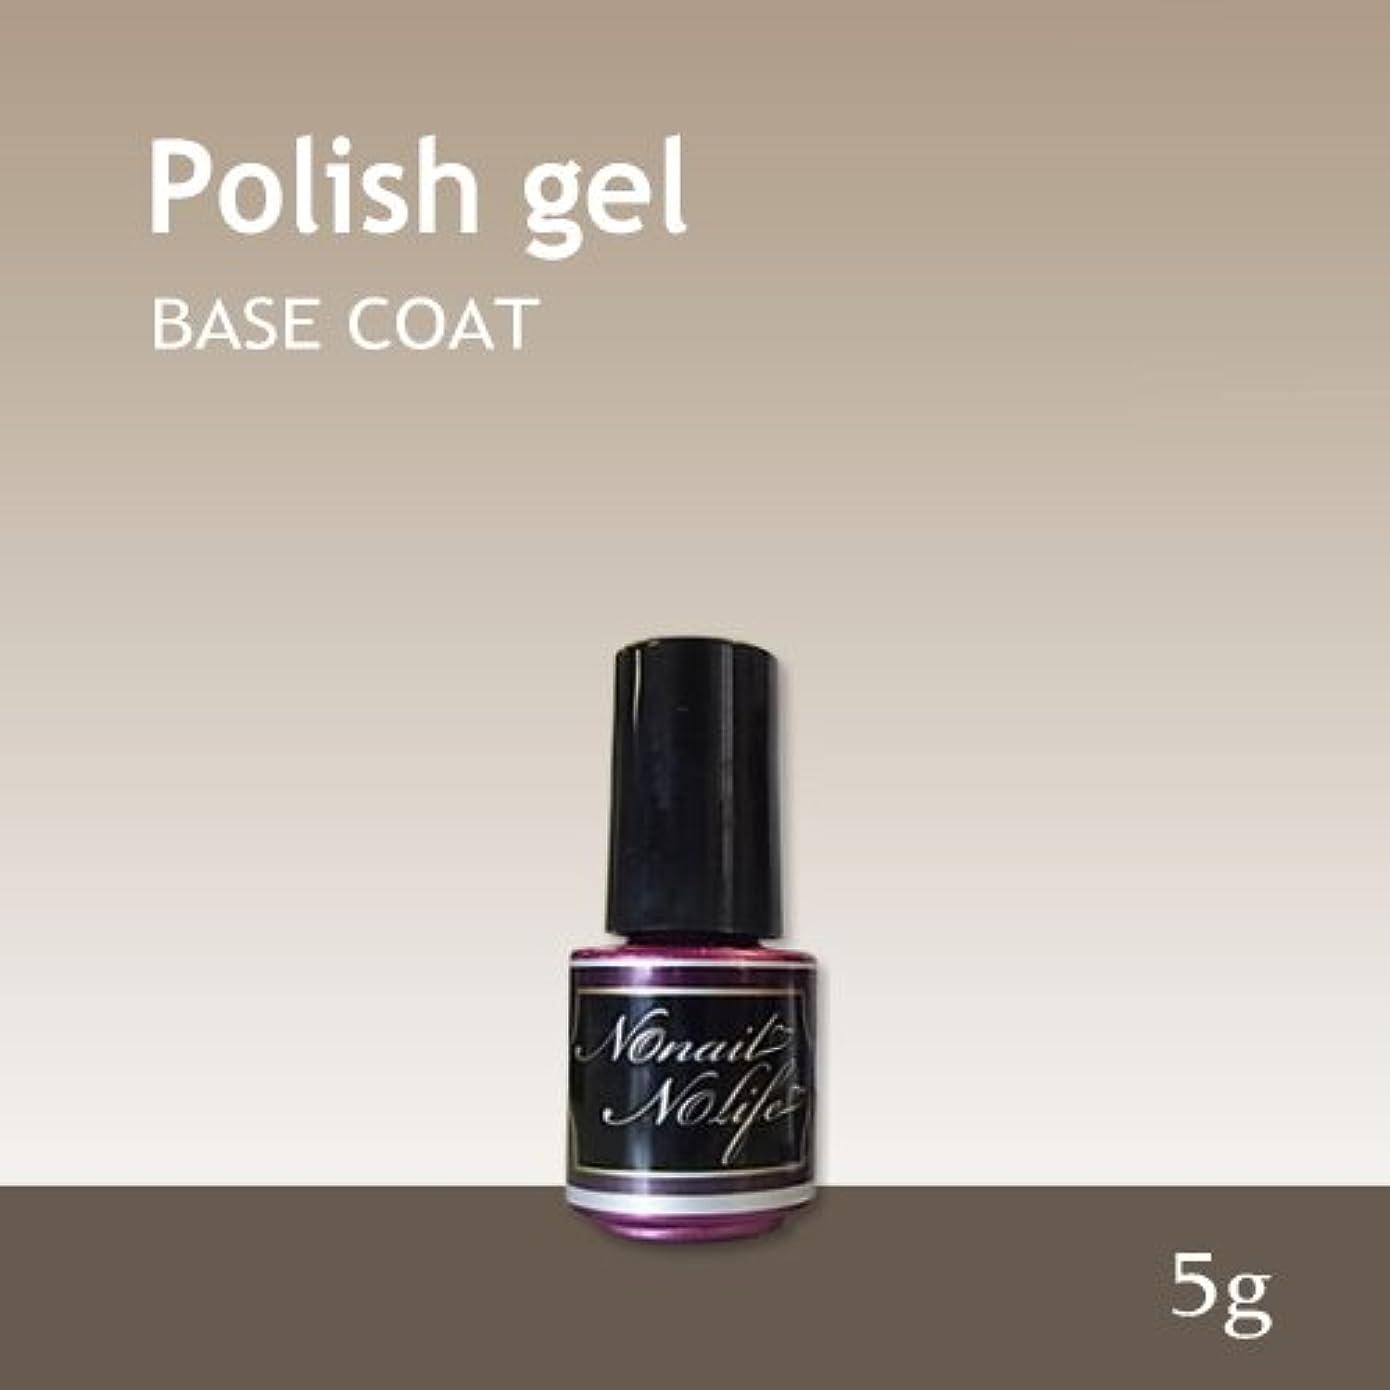 温かい予防接種する薬局ジェルネイル《サンディング不要のベースコート》Natural Polish ポリッシュベースジェル(5g)